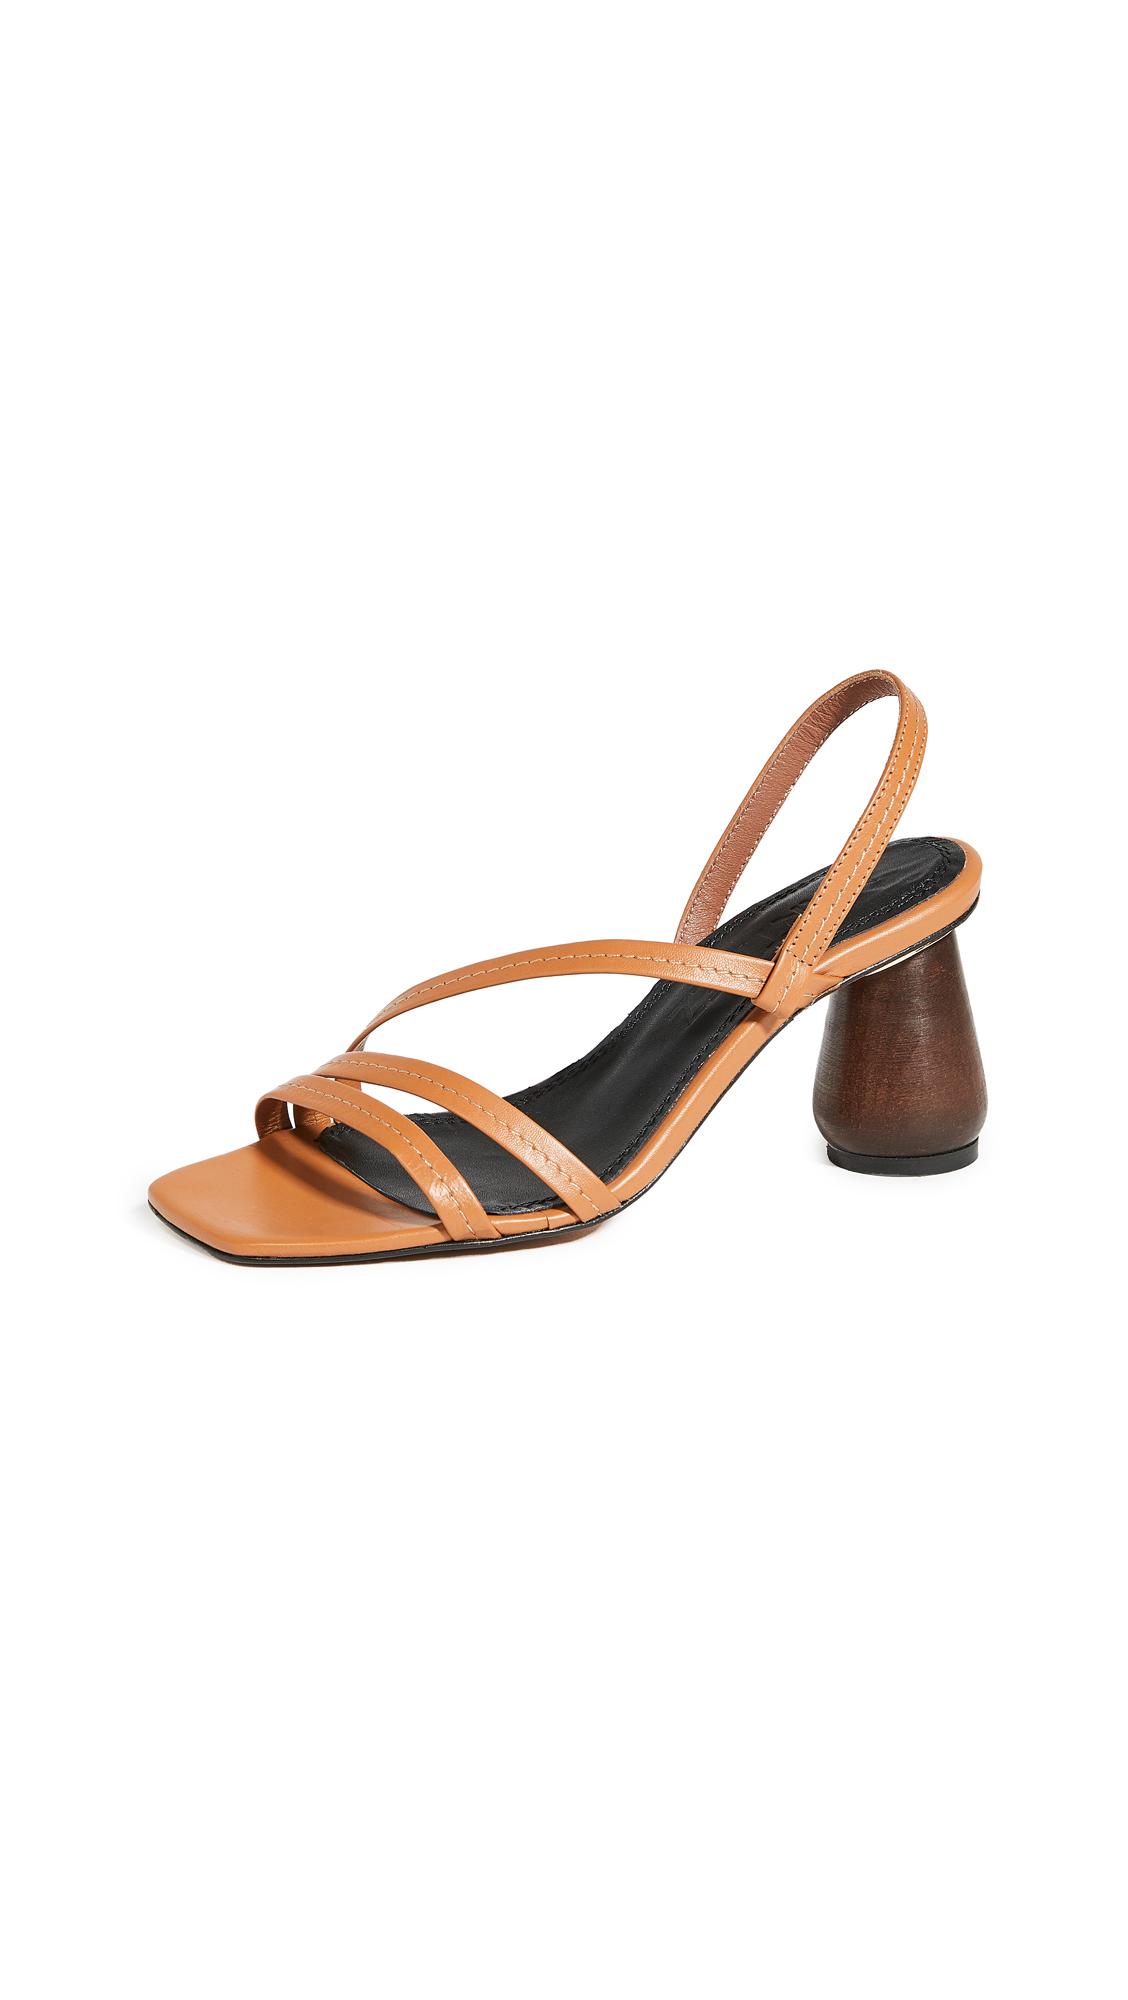 Buy Souliers Martinez 80mm Can Maroig Sandals online, shop Souliers Martinez